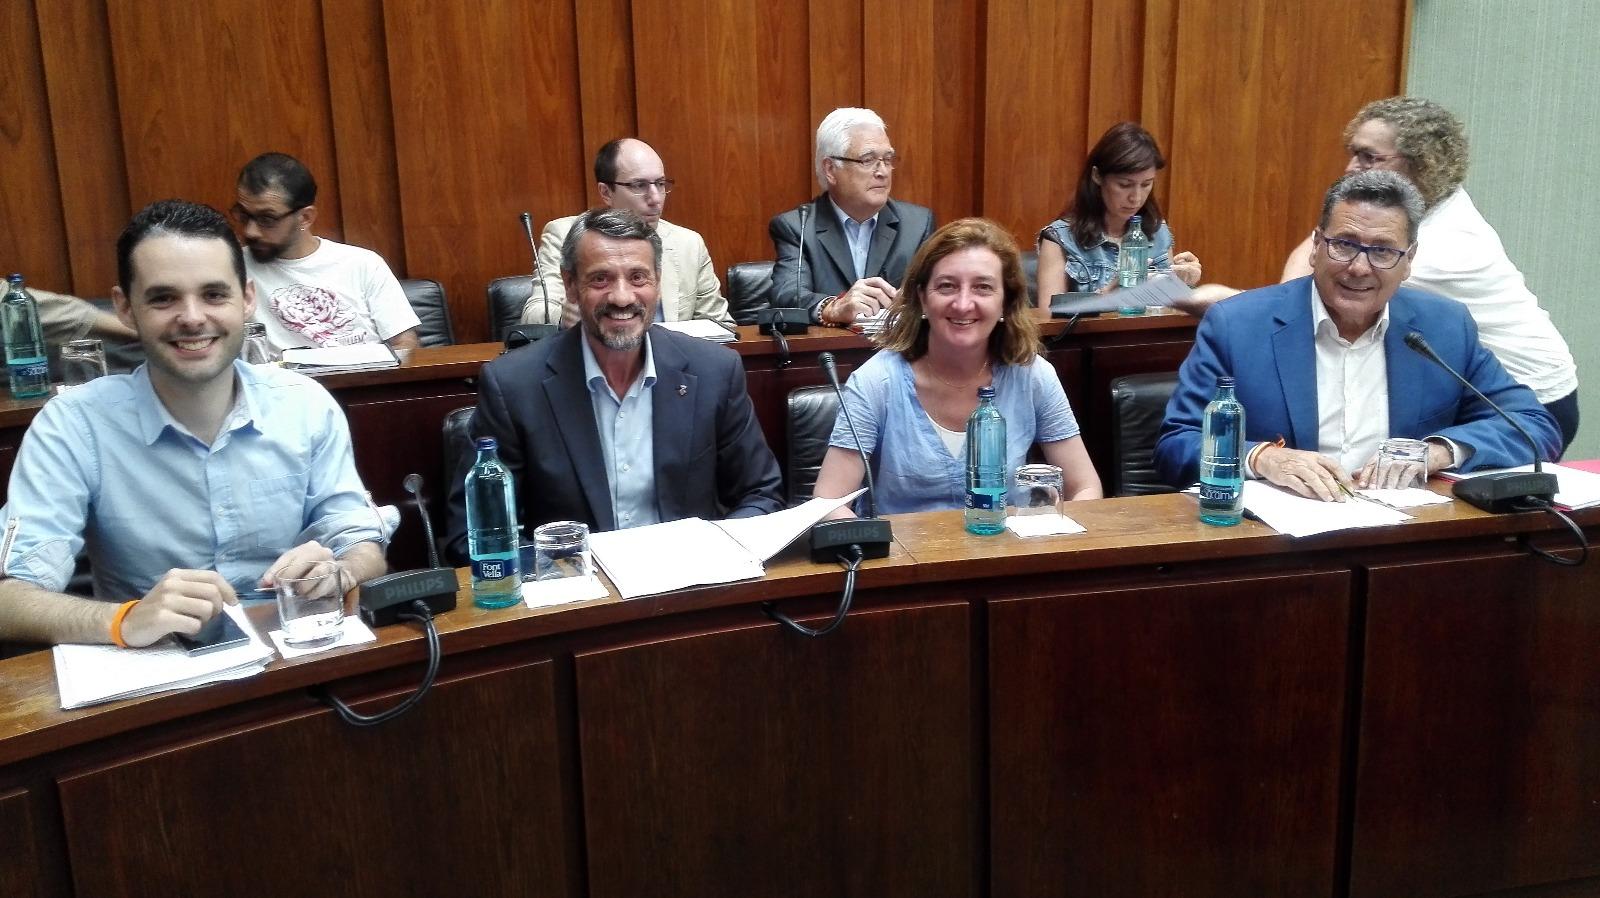 Los cuatro concejales de Cs l'Hospitalet momentos antes de empezar el pleno municipal de junio